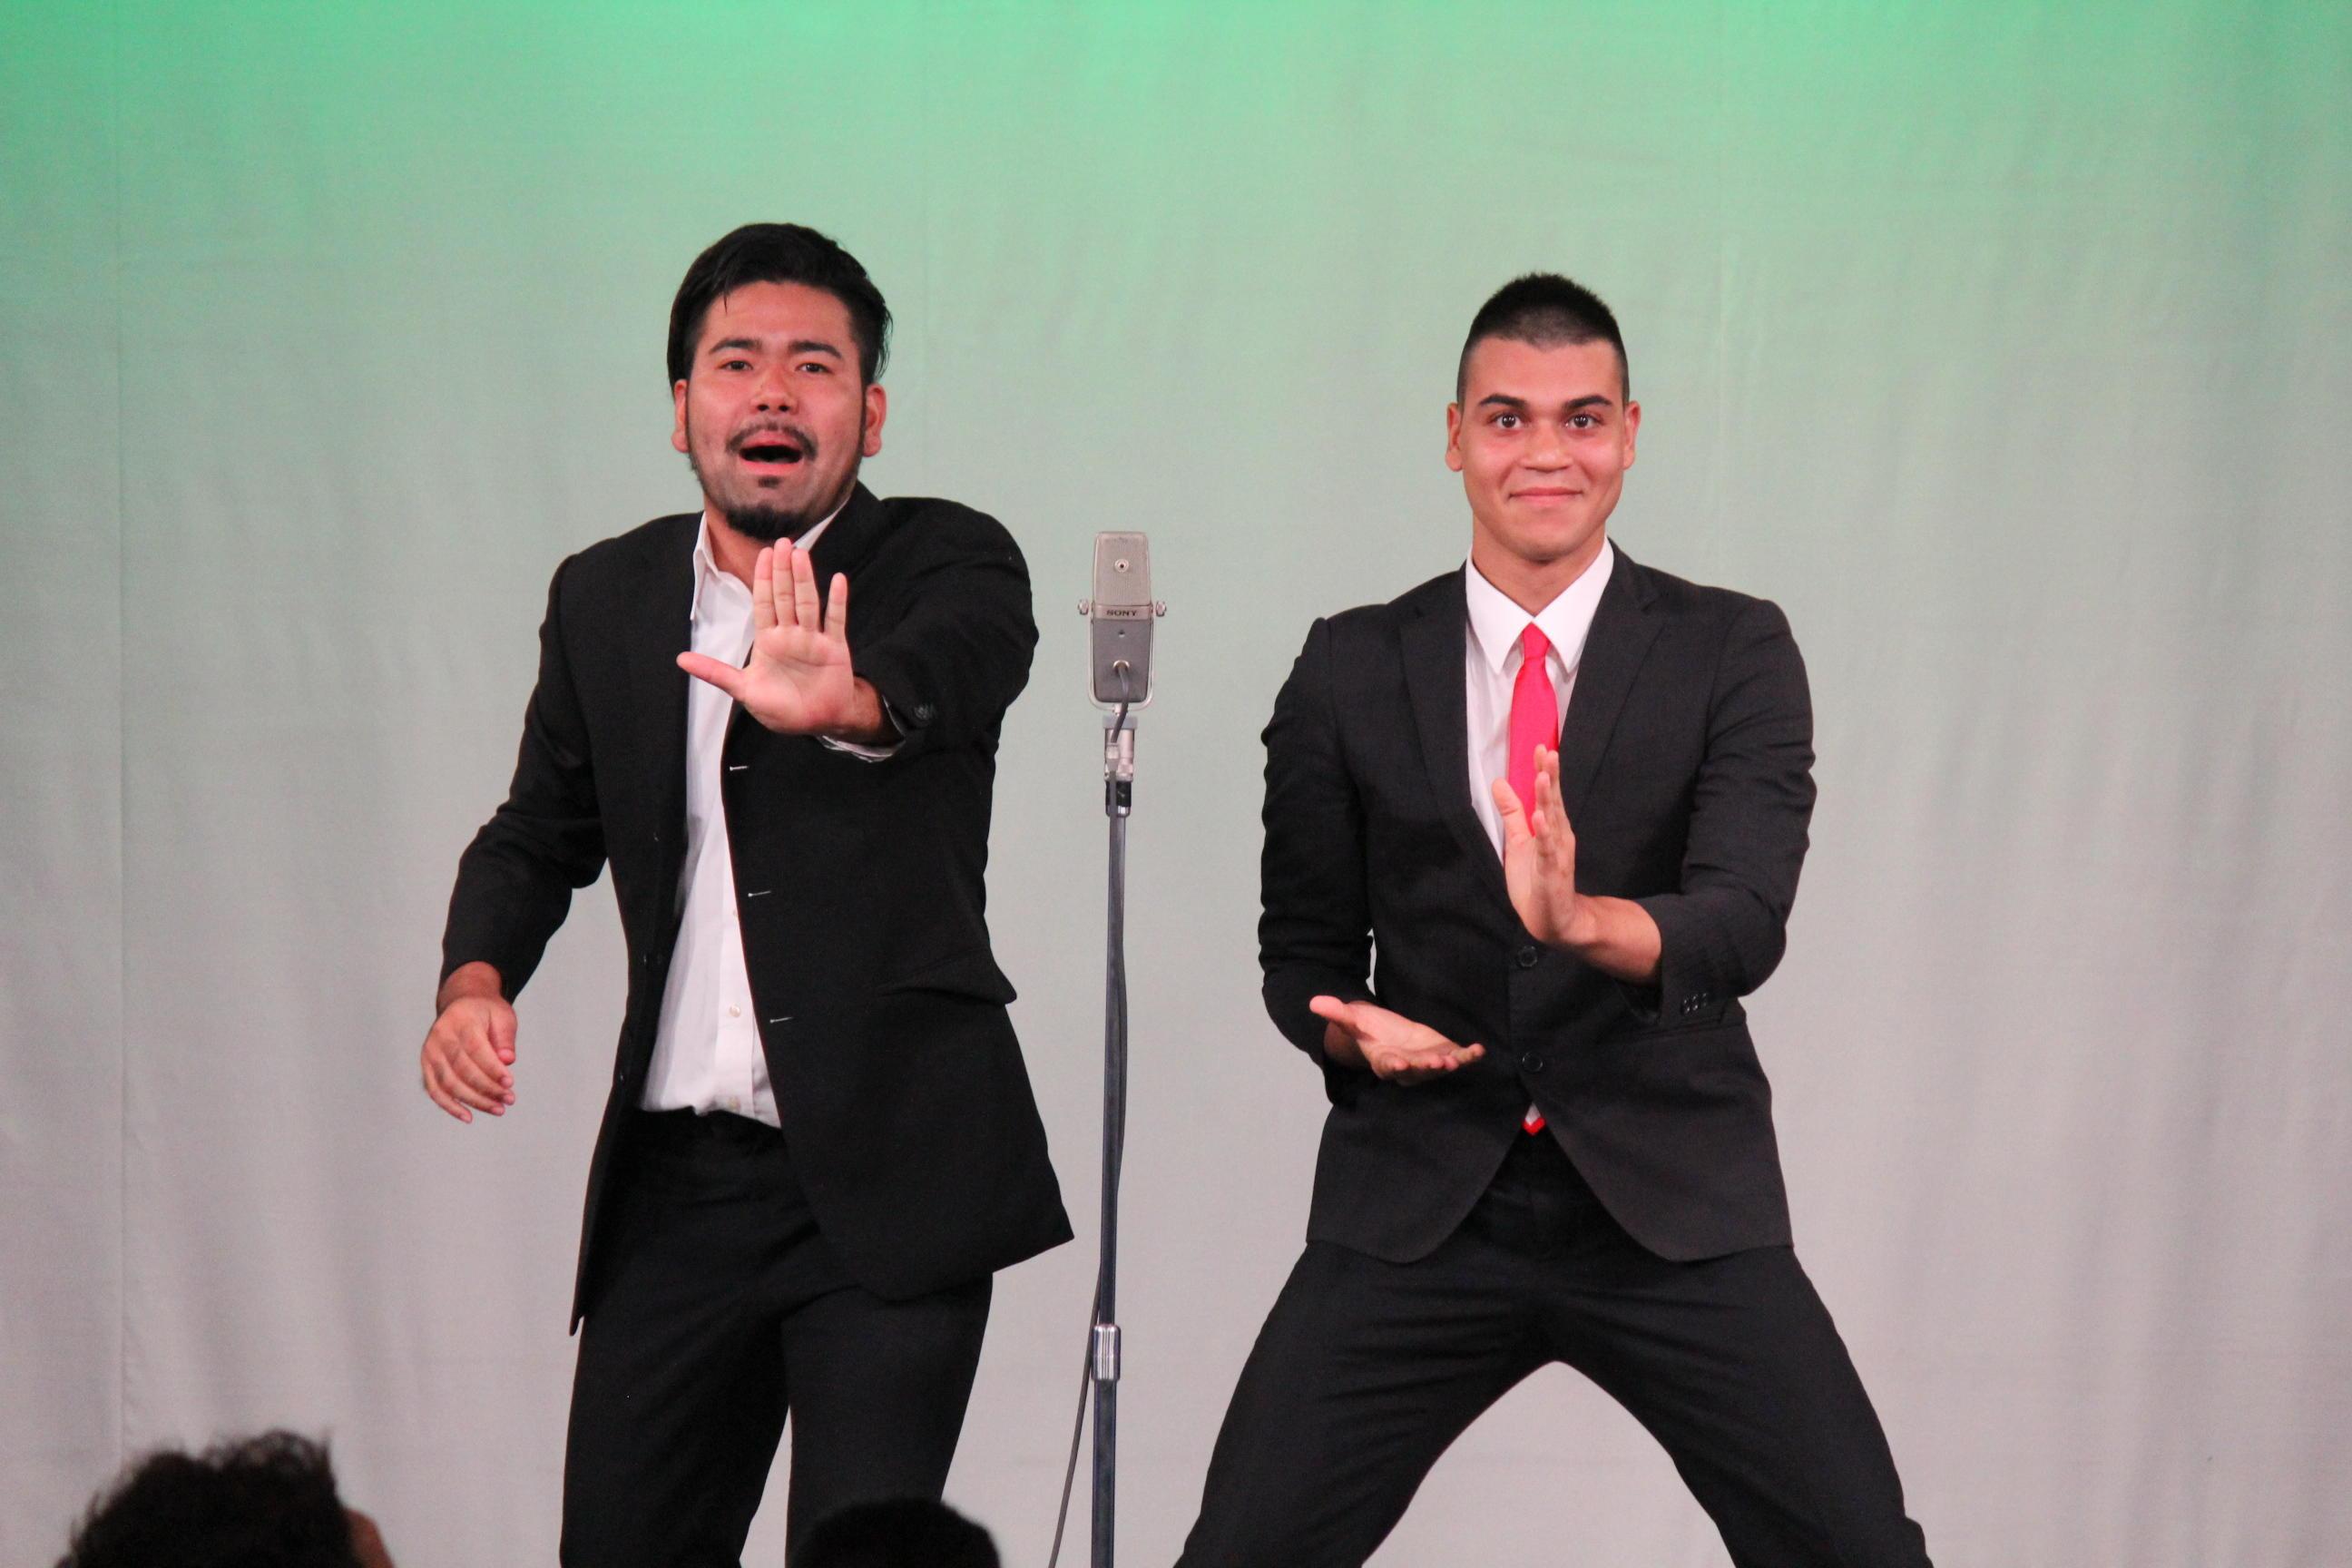 http://news.yoshimoto.co.jp/20160627171811-7747bf0c45198cd1f317e5274db4c0a412b533cd.jpg